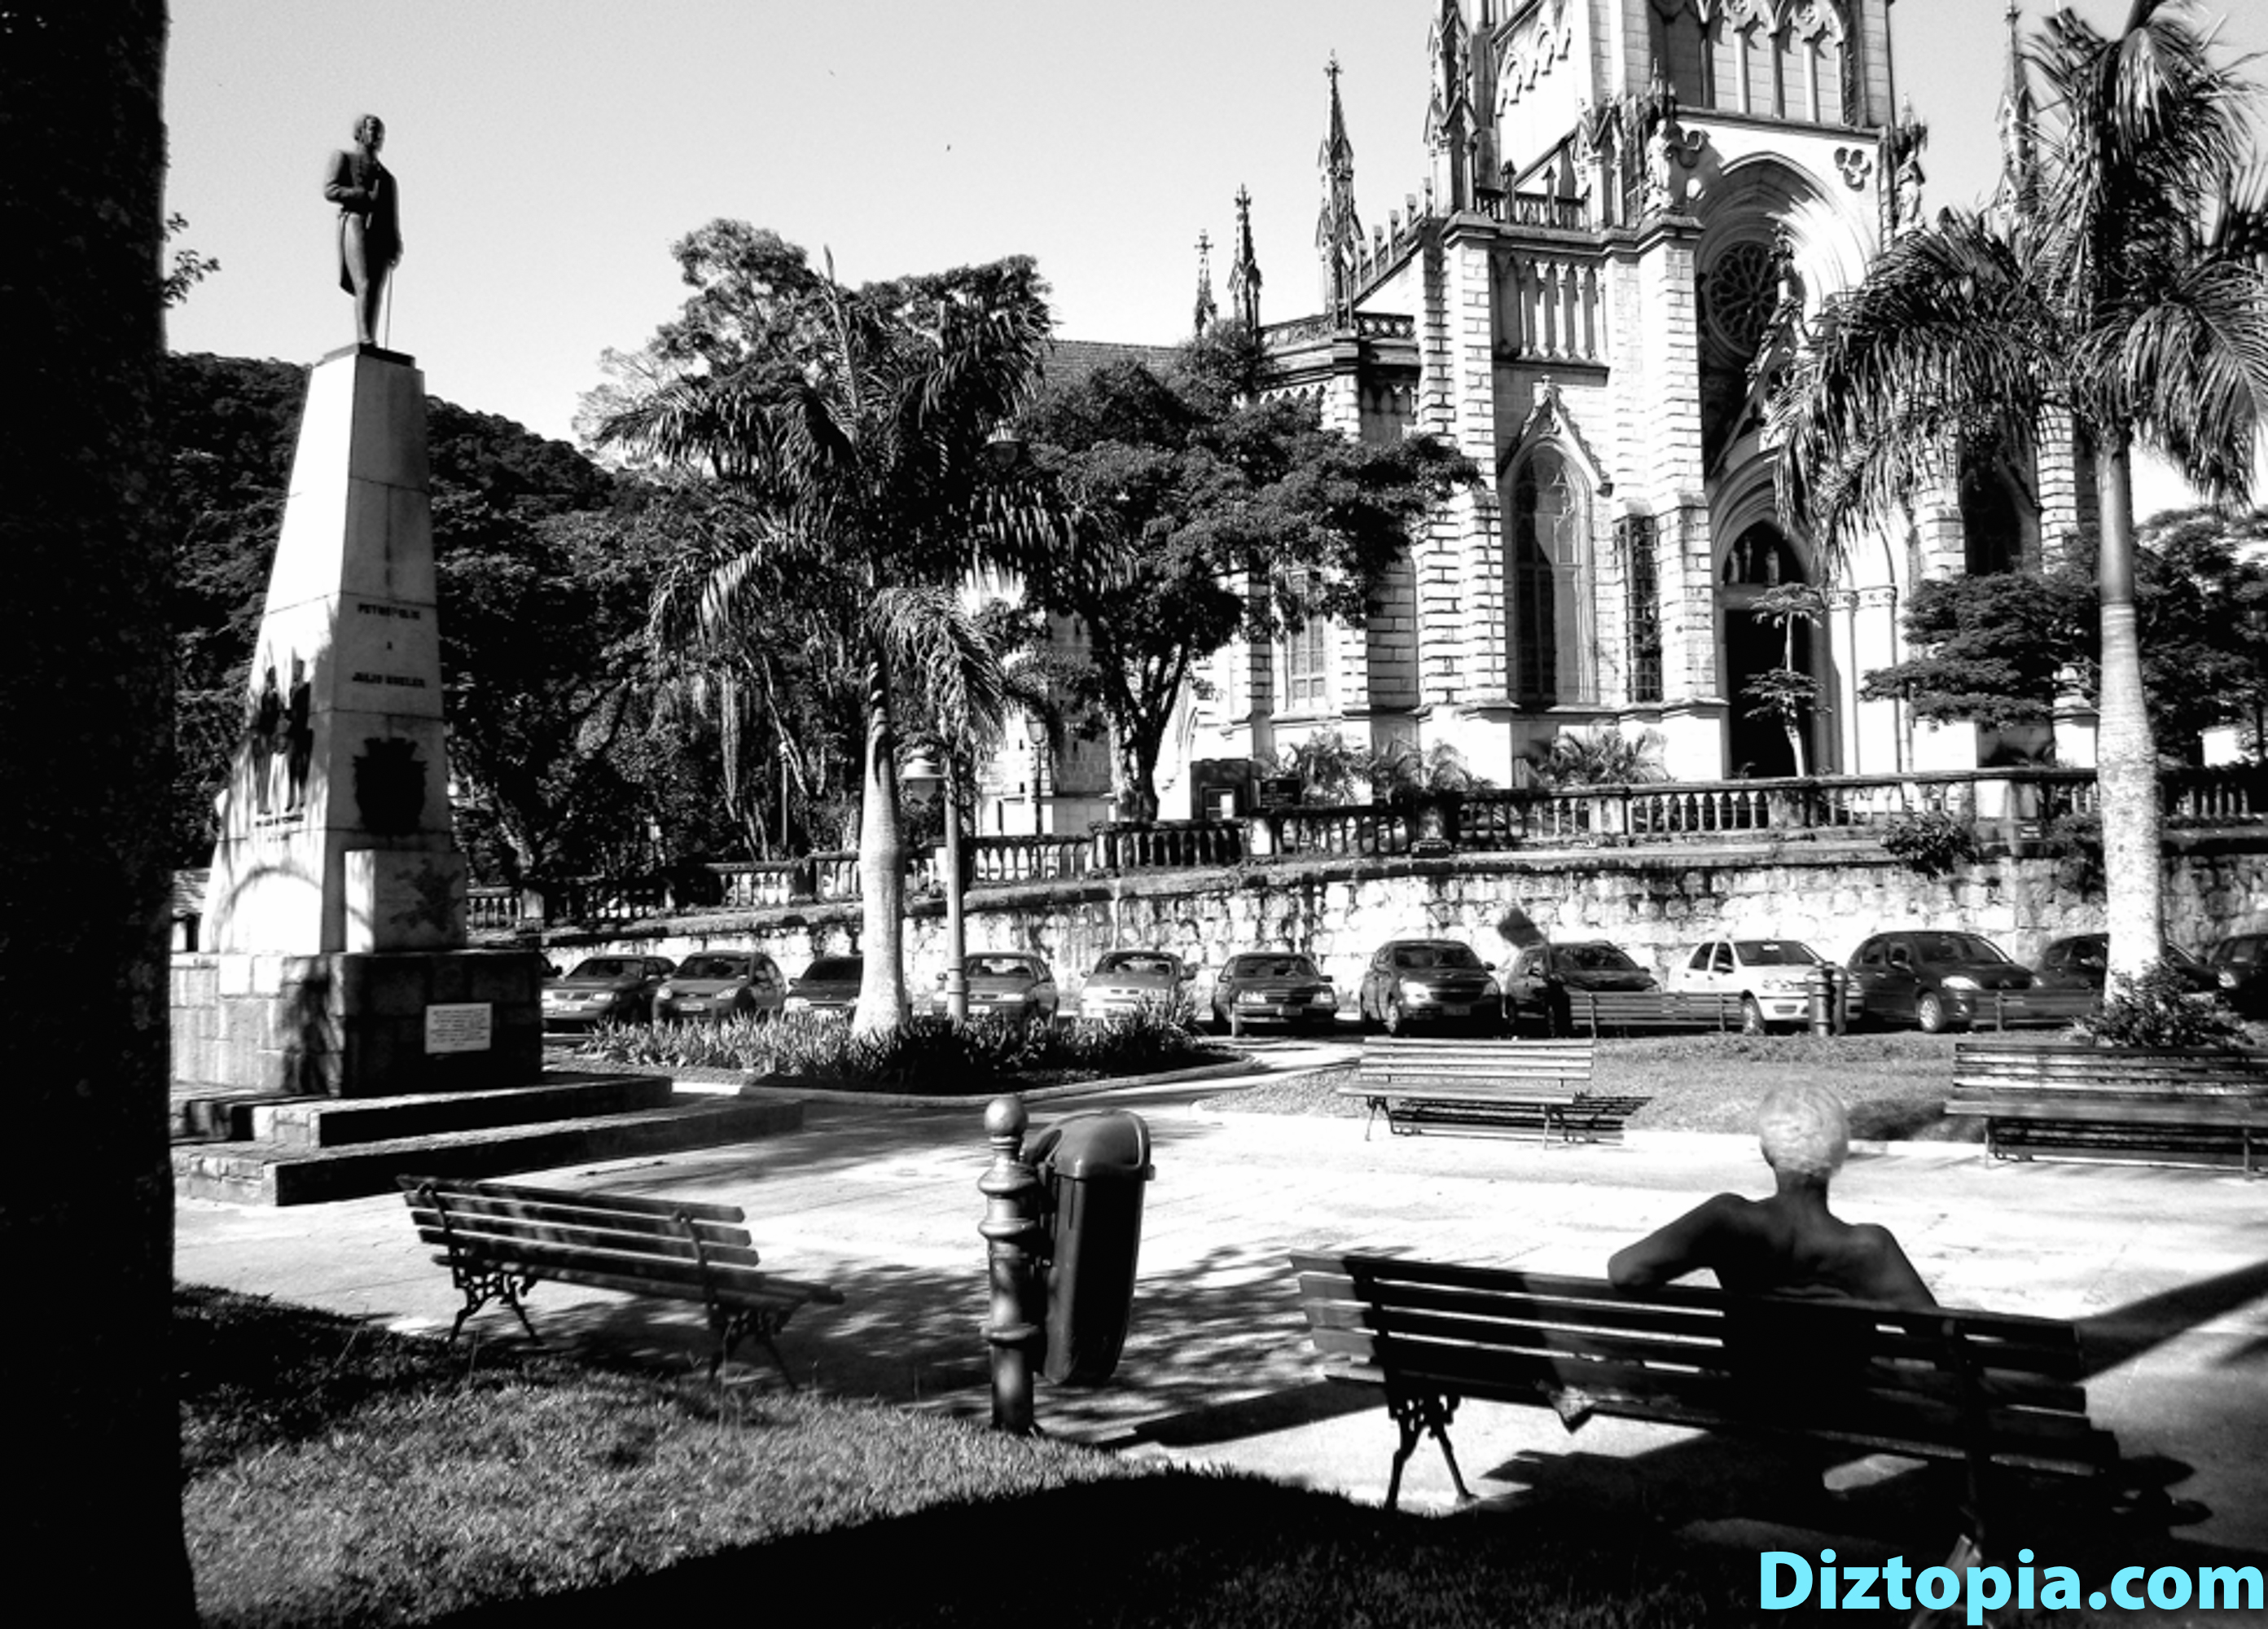 diztopia-com-dizma_dahl-photography-digicam-47